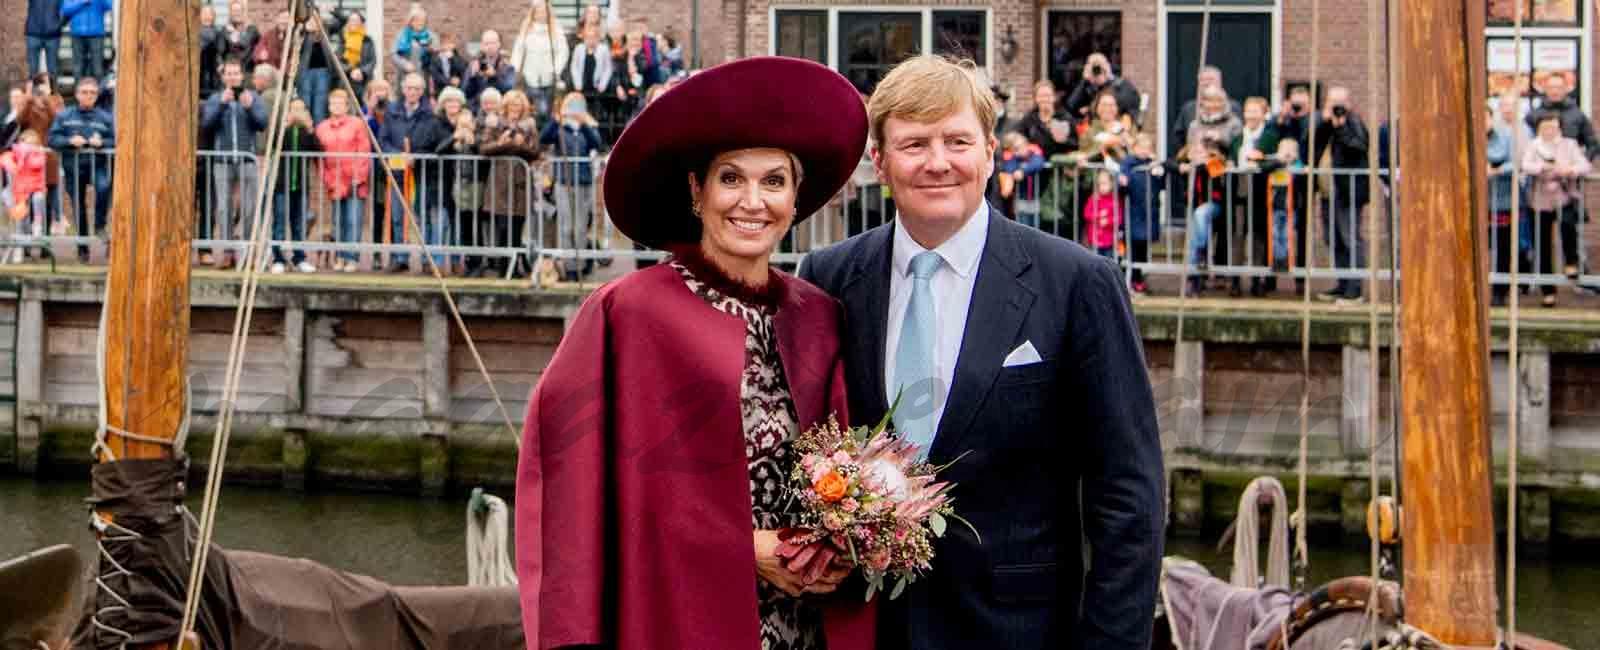 La reina Máxima de Holanda fiel a sus sombreros